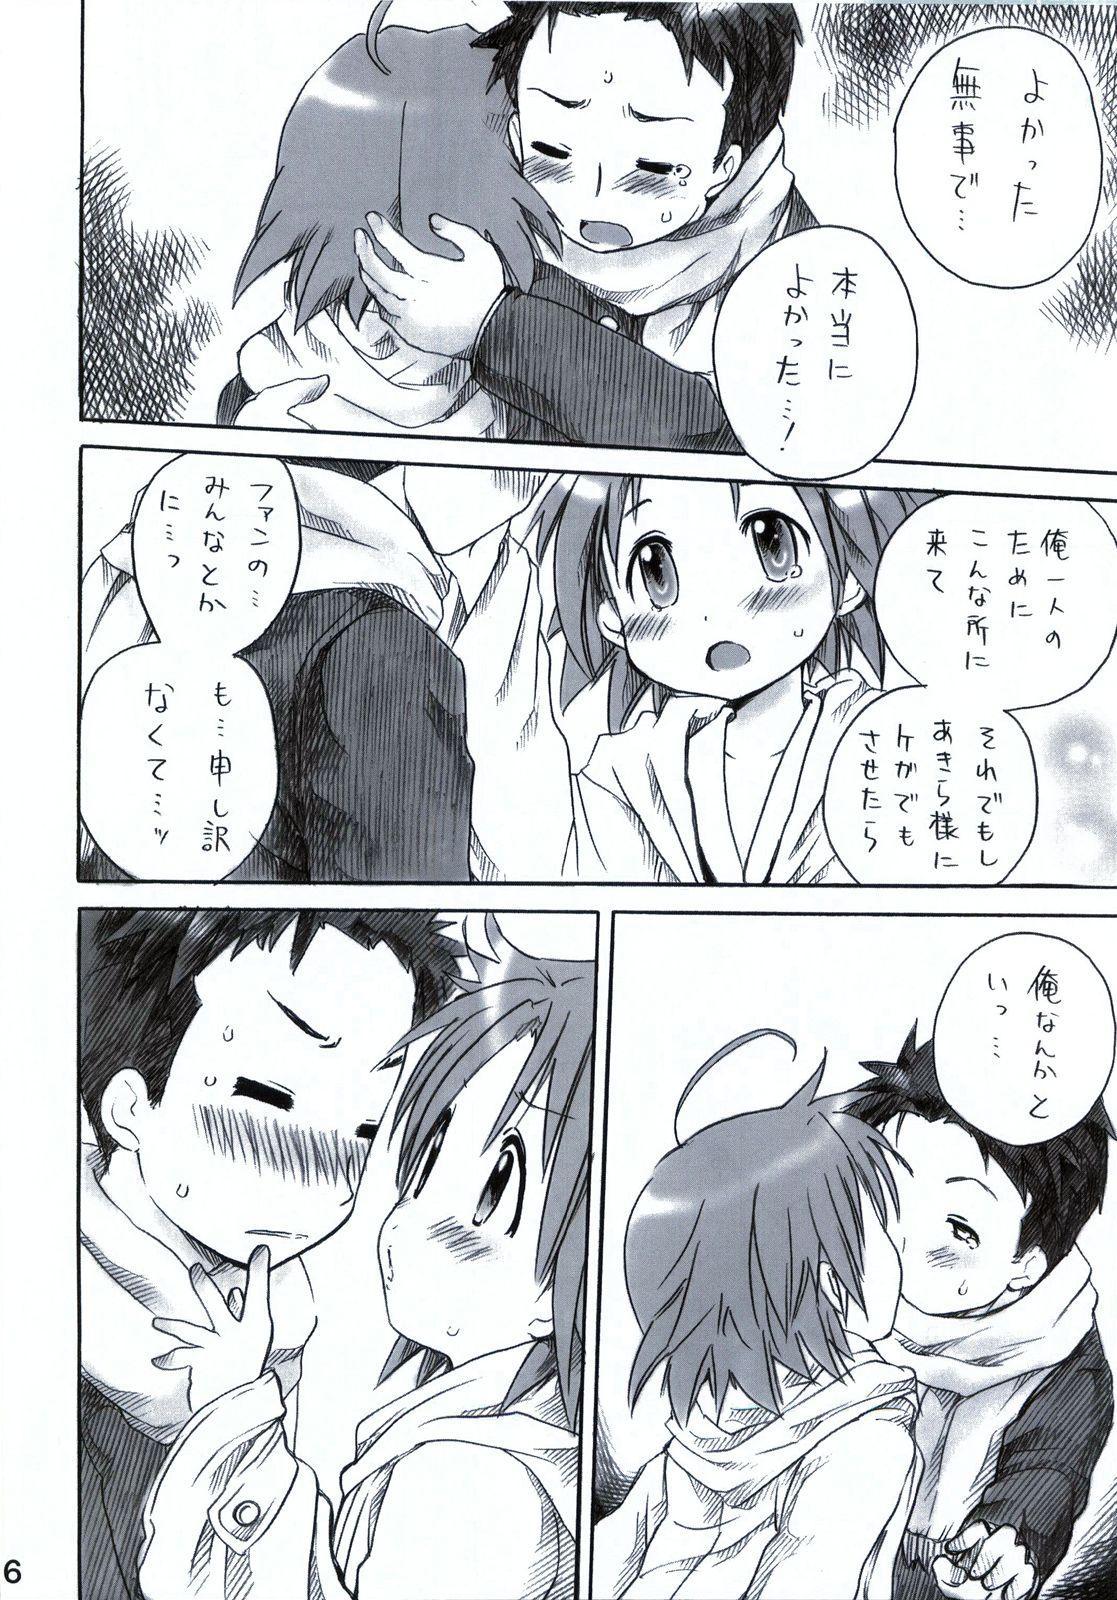 Akira to Minoru no! 6